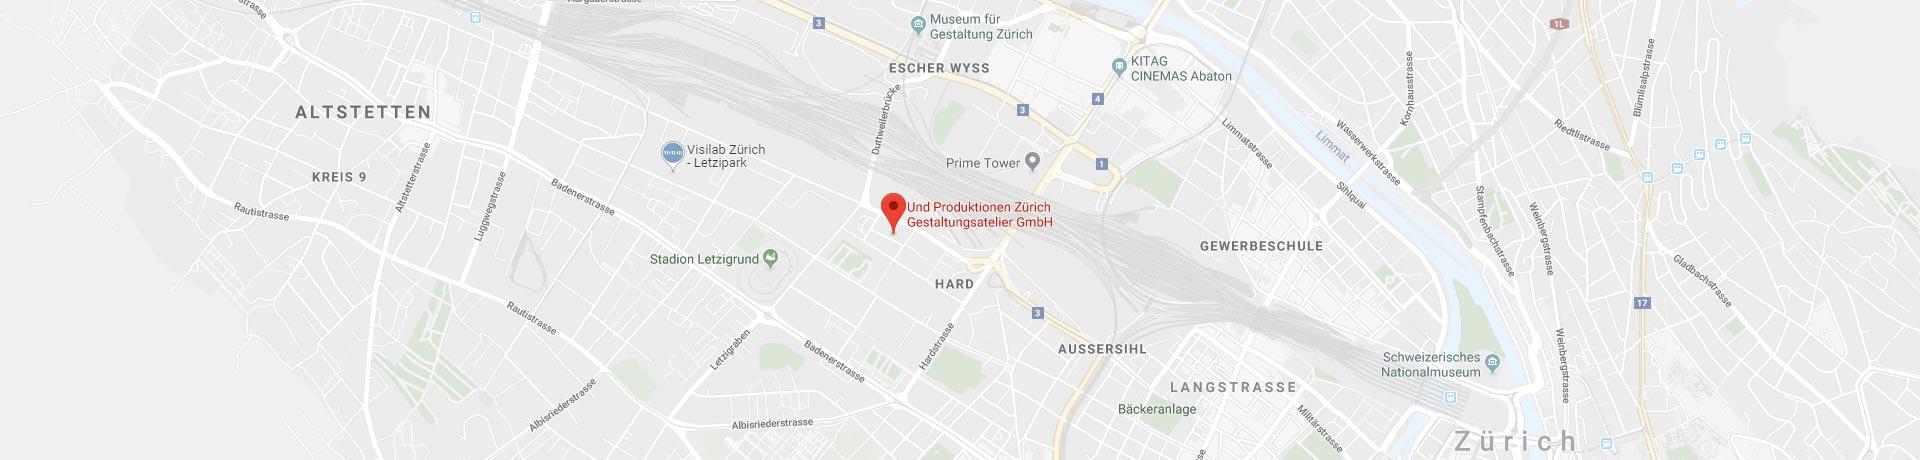 undProduktionen-Standort-Karte